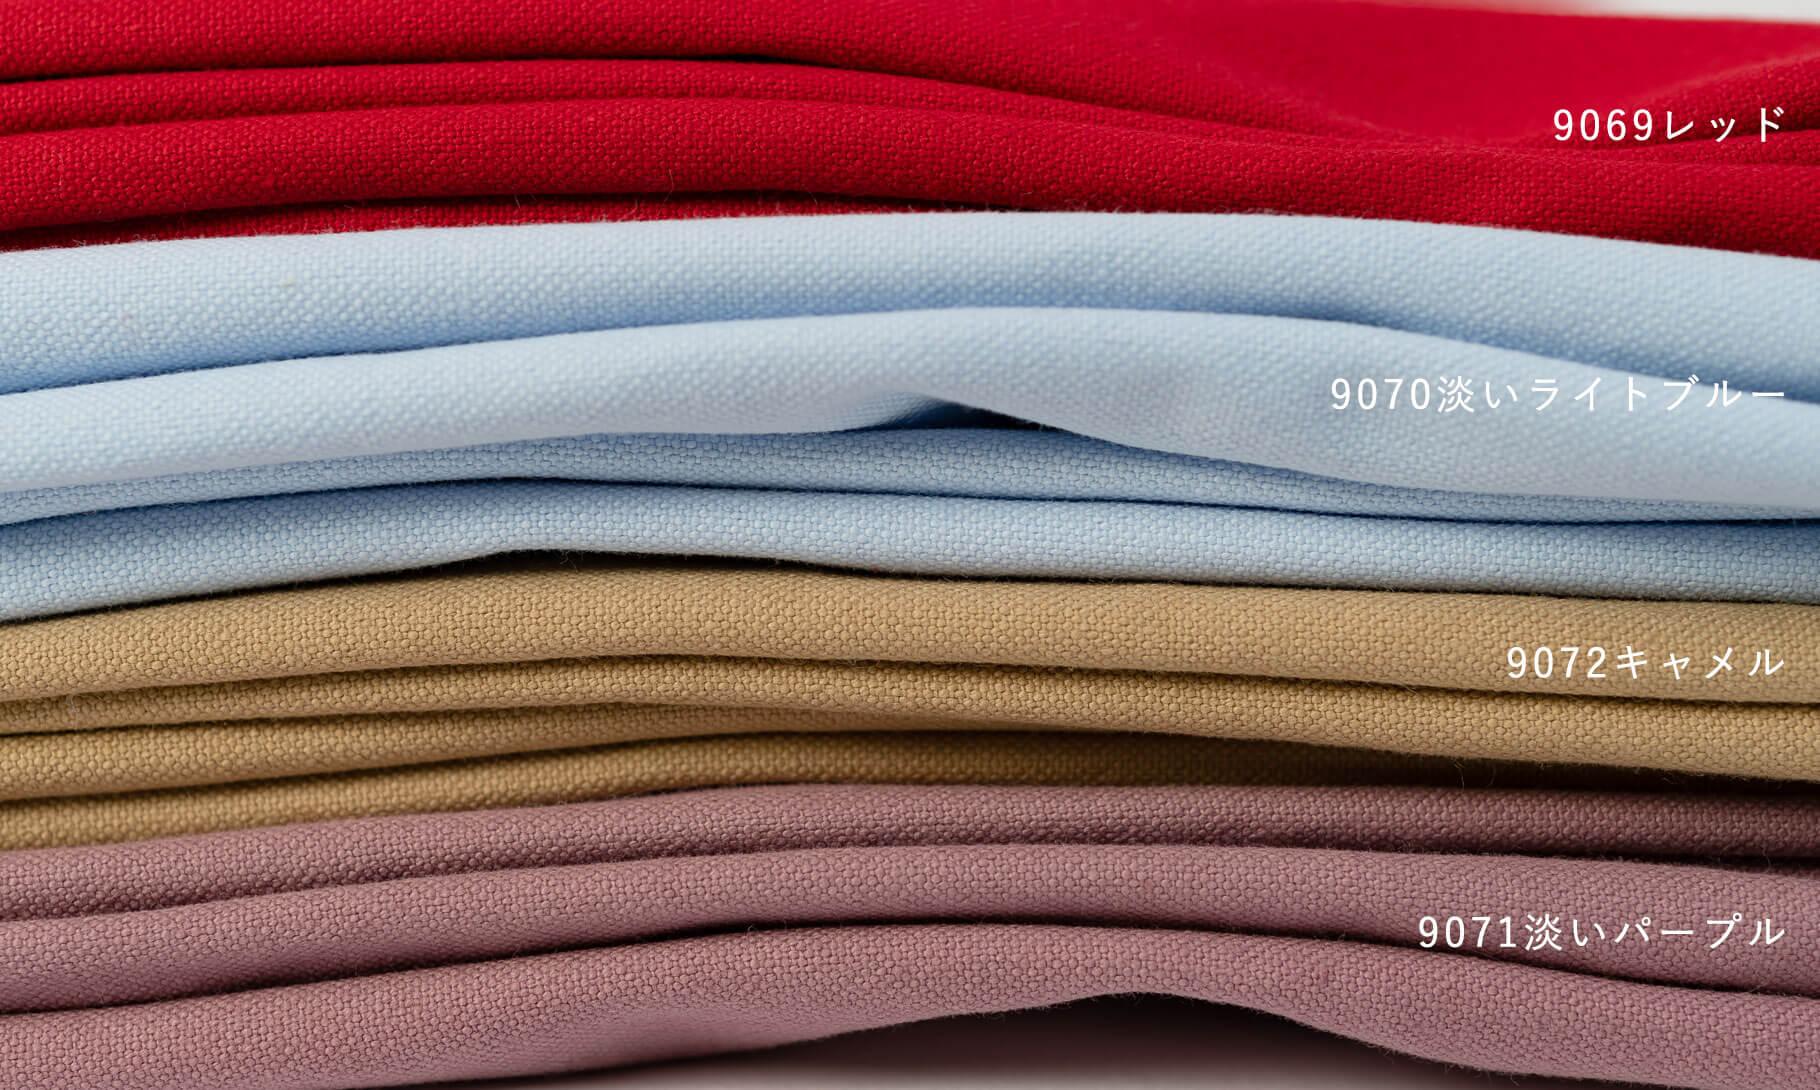 帆布4種、レッド、淡いライトブルー、キャメル、淡いパープル